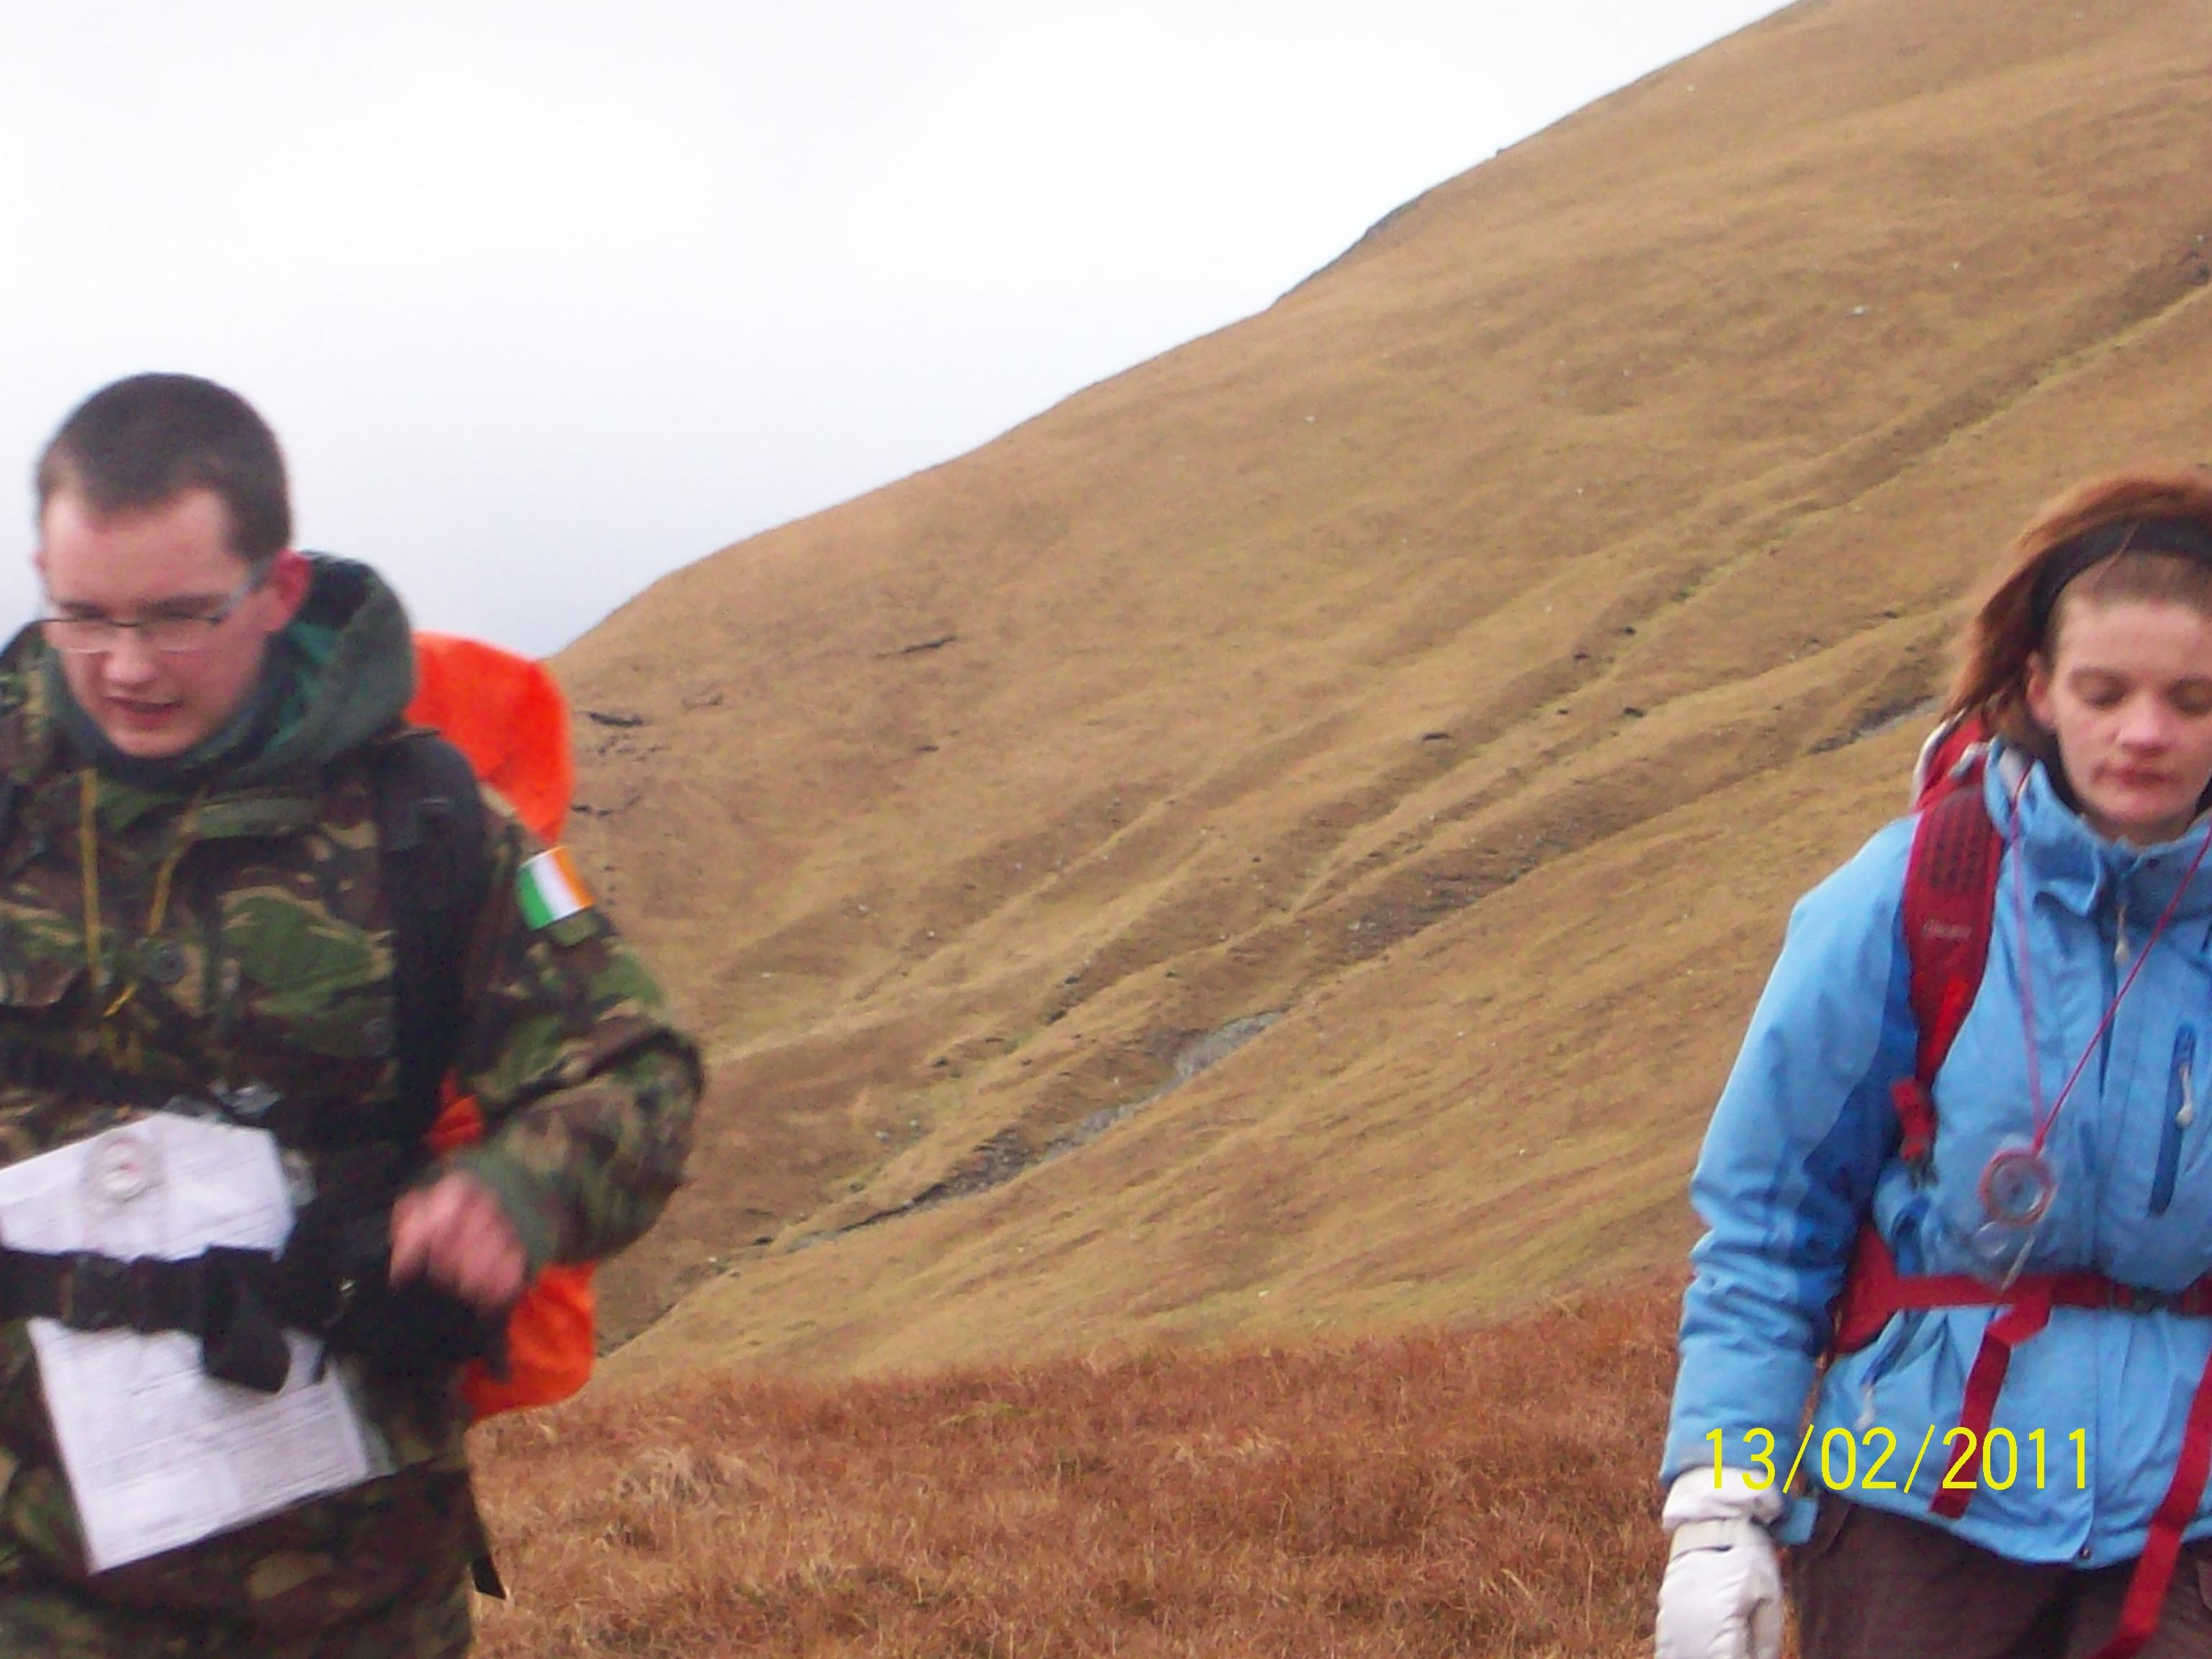 Sheefrey Hills hike 13-02-11 054